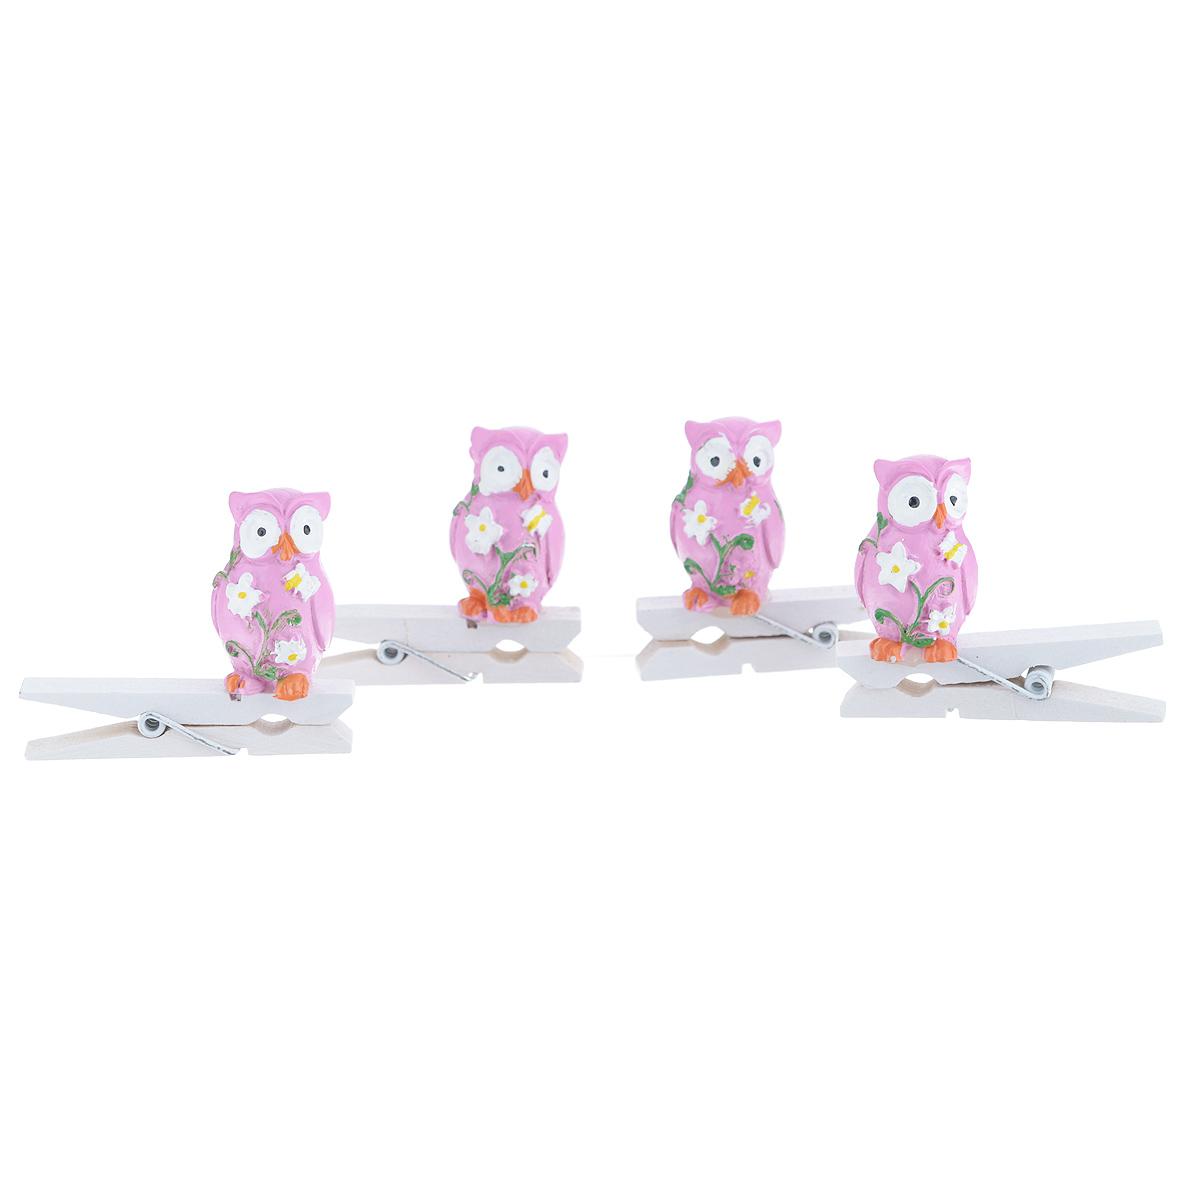 Набор декоративных прищепок Феникс-презент Совушки, 4 шт64503Набор Феникс-презент Совушки состоит из 4 декоративных прищепок, выполненных из дерева. Прищепки оформлены декоративными фигурками из полирезины в виде сов с цветами. Изделия используются для развешивания стикеров на веревке, маленьких игрушек, а оригинальность и веселые цвета прищепок будут радовать глаз и поднимут настроение.Размер прищепки: 4,5 см х 1,5 см х 4 см.